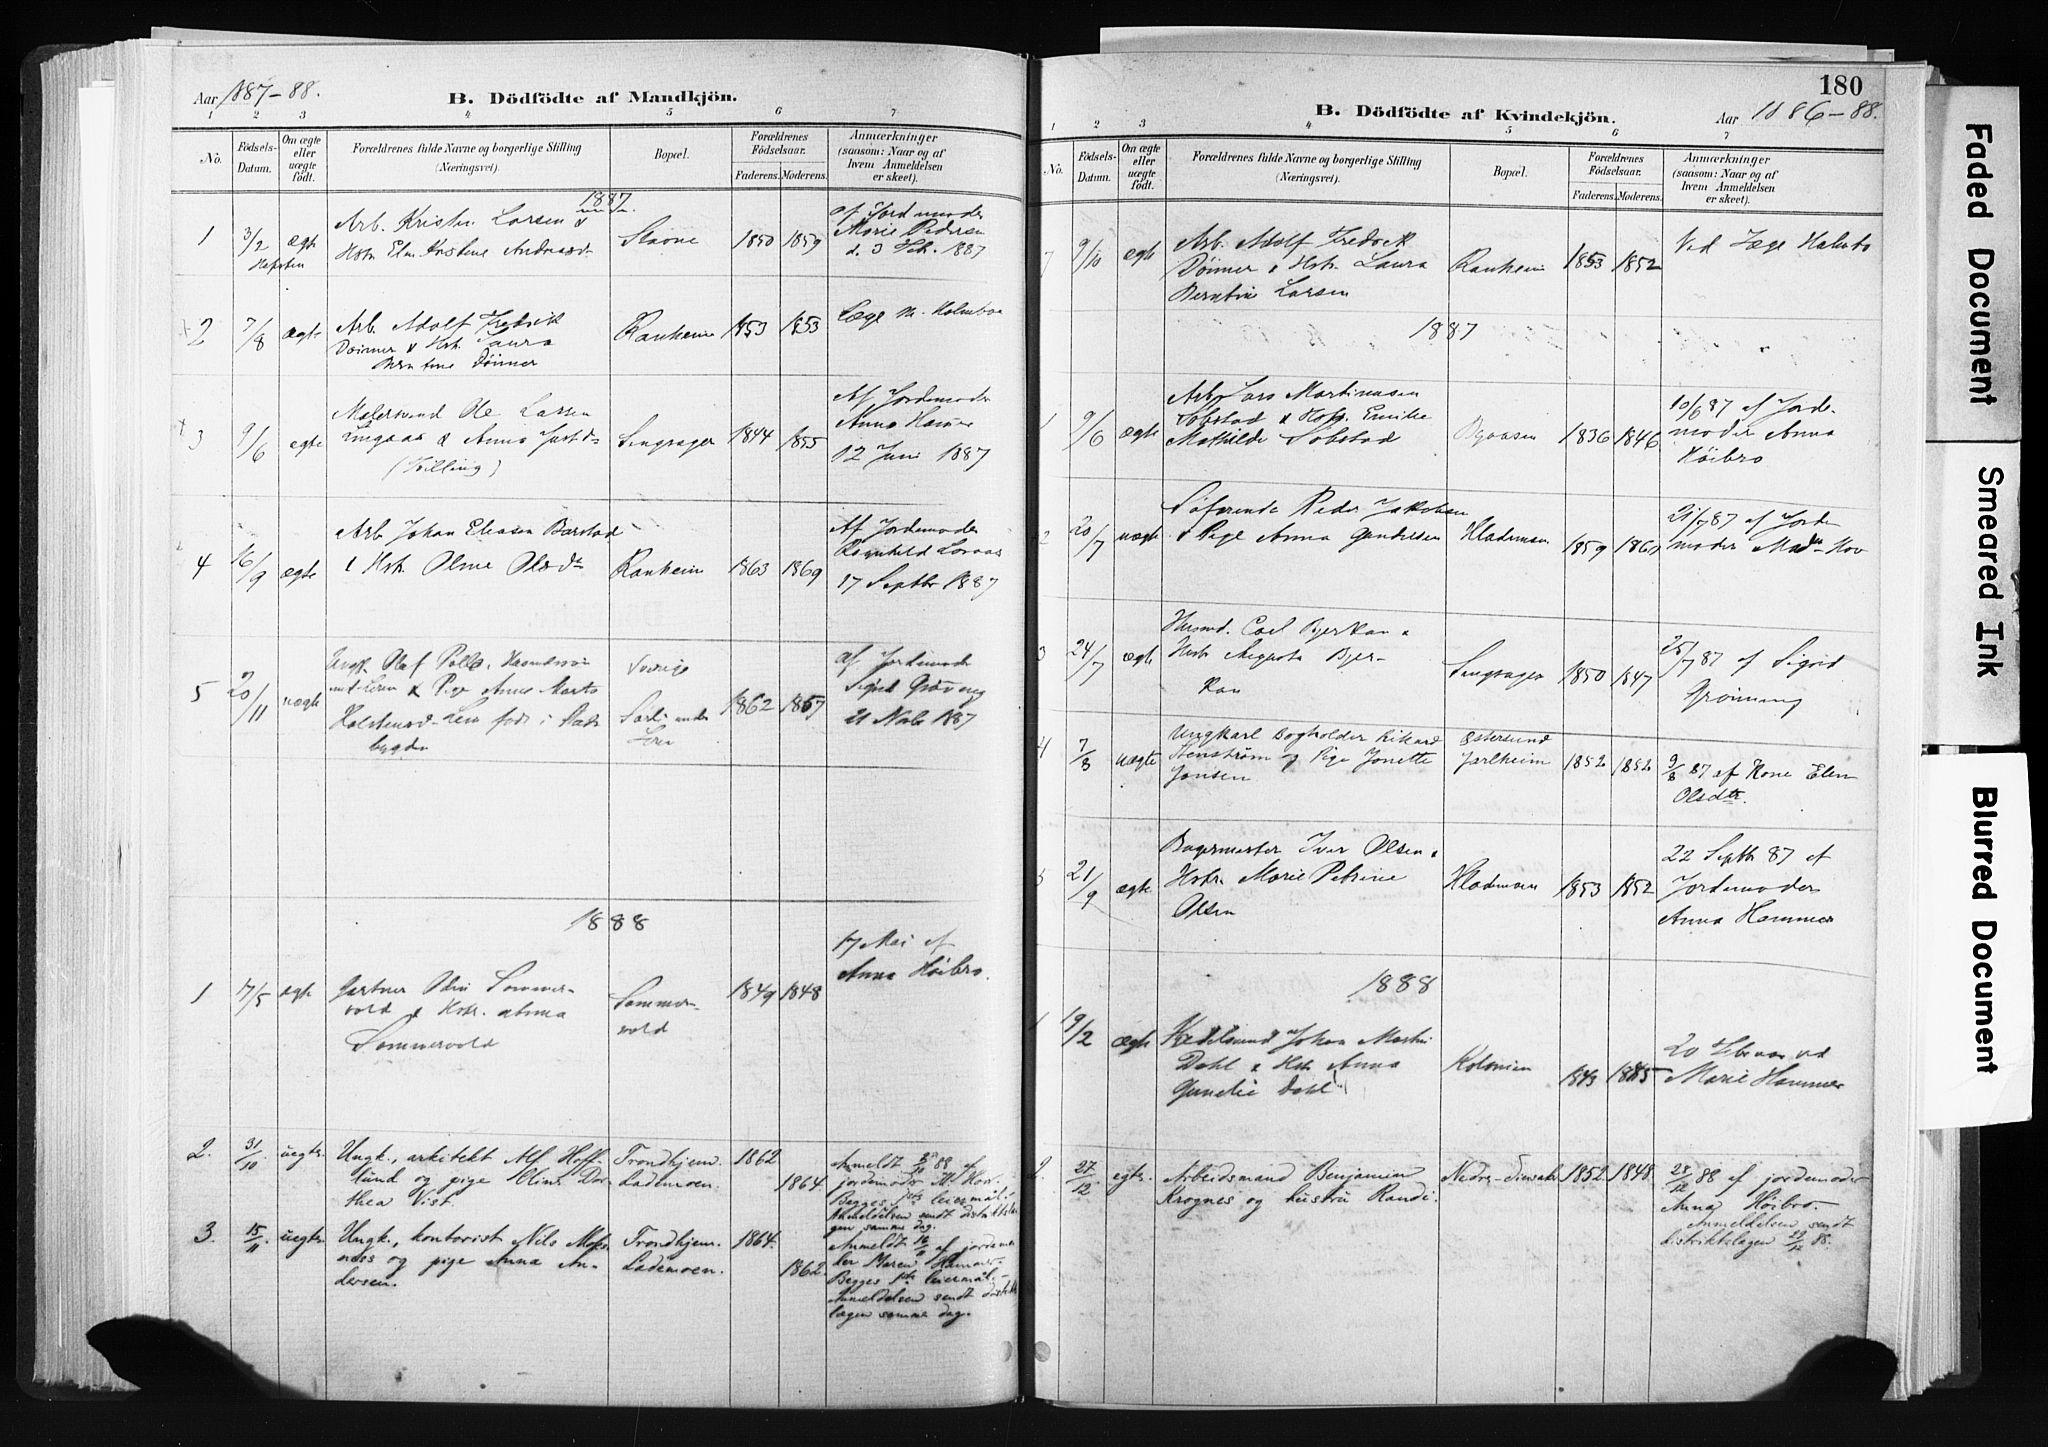 SAT, Ministerialprotokoller, klokkerbøker og fødselsregistre - Sør-Trøndelag, 606/L0300: Ministerialbok nr. 606A15, 1886-1893, s. 180